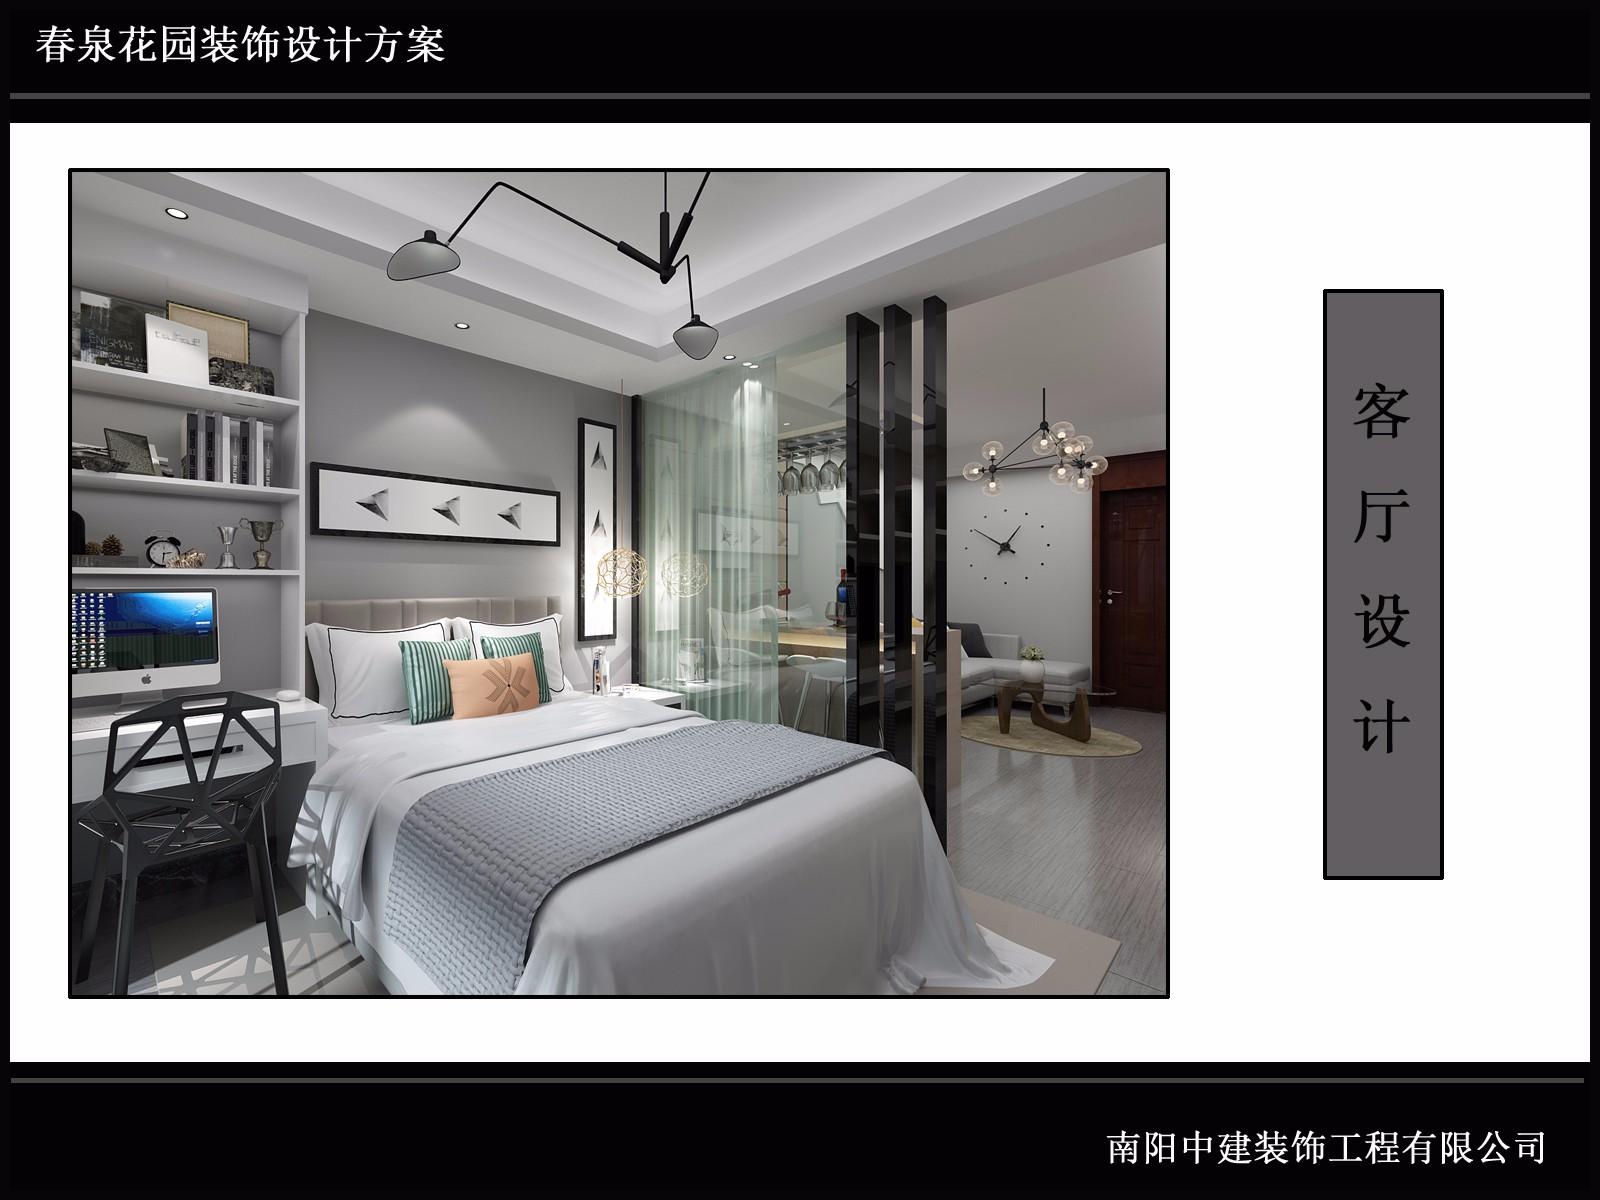 春泉花园单身公寓设计效果展示 家装案例-南阳中建装饰